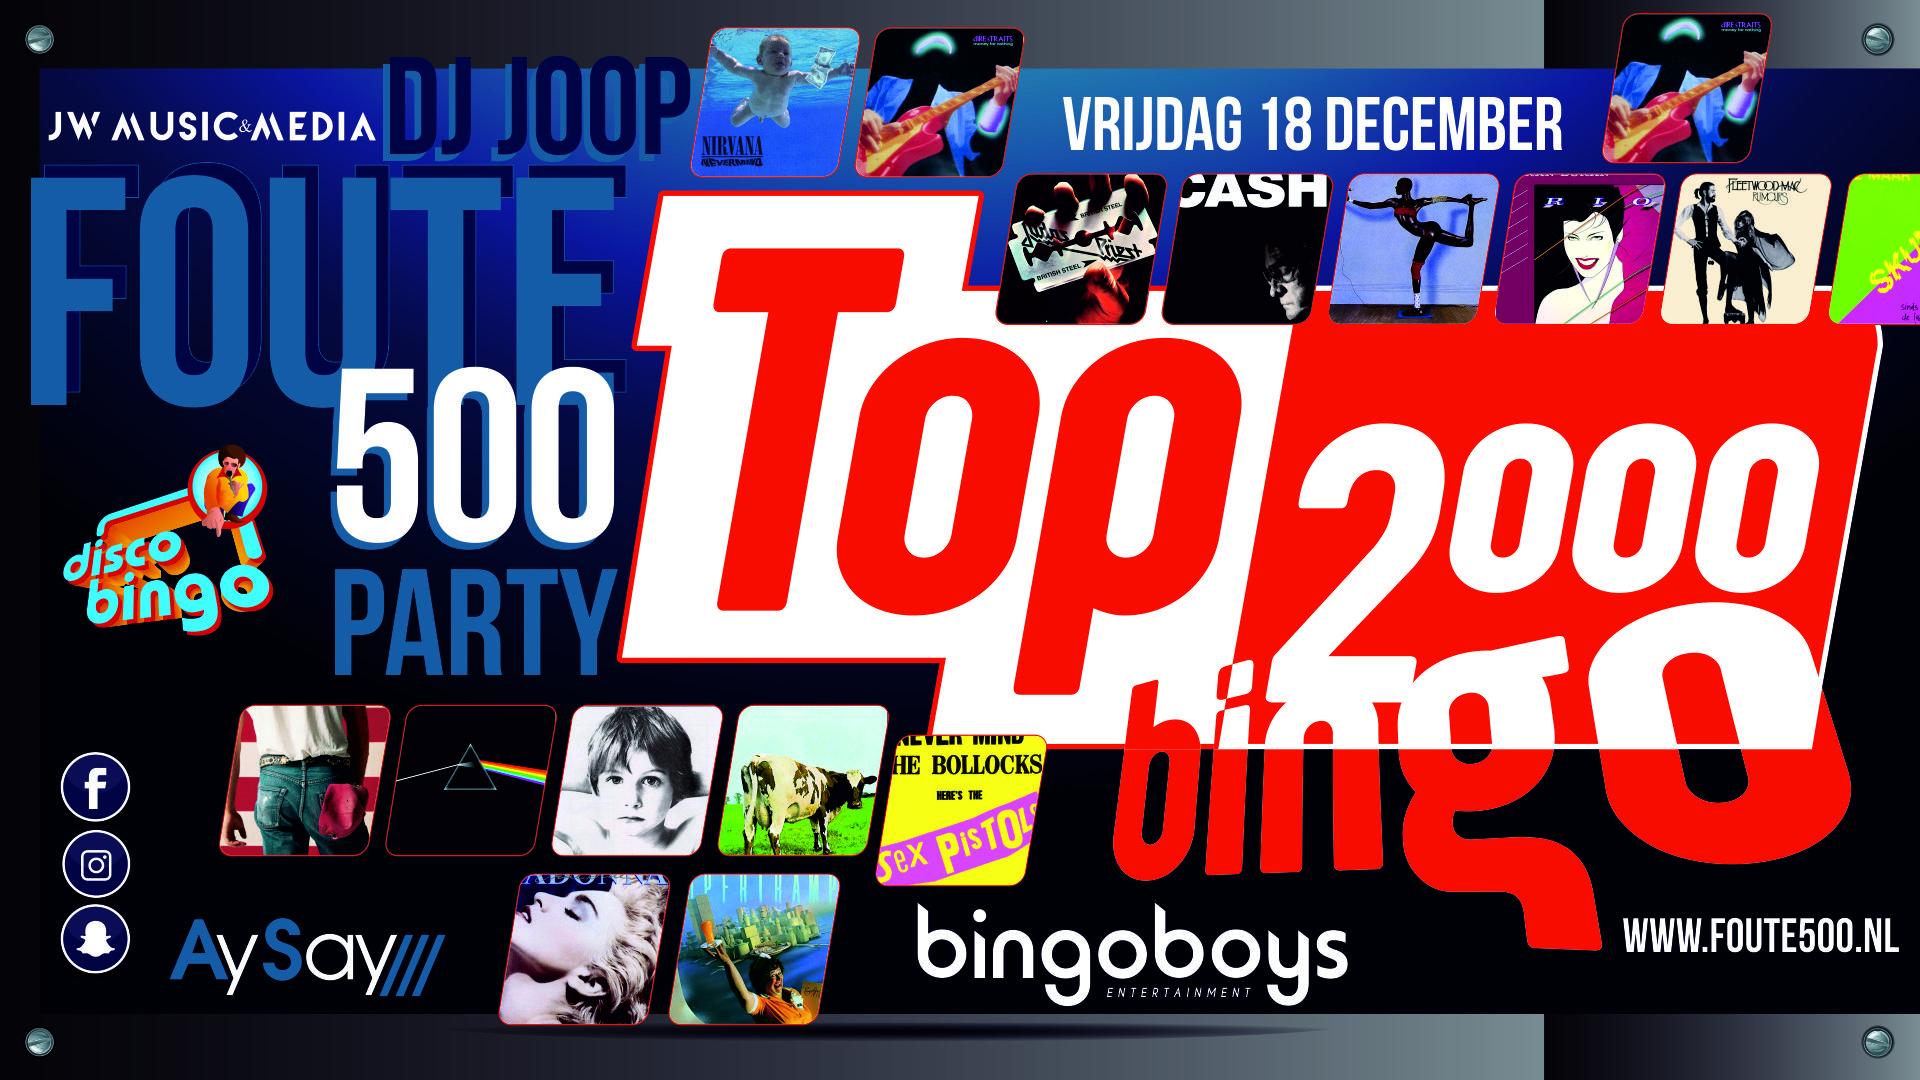 Facebook evenement Top 2000